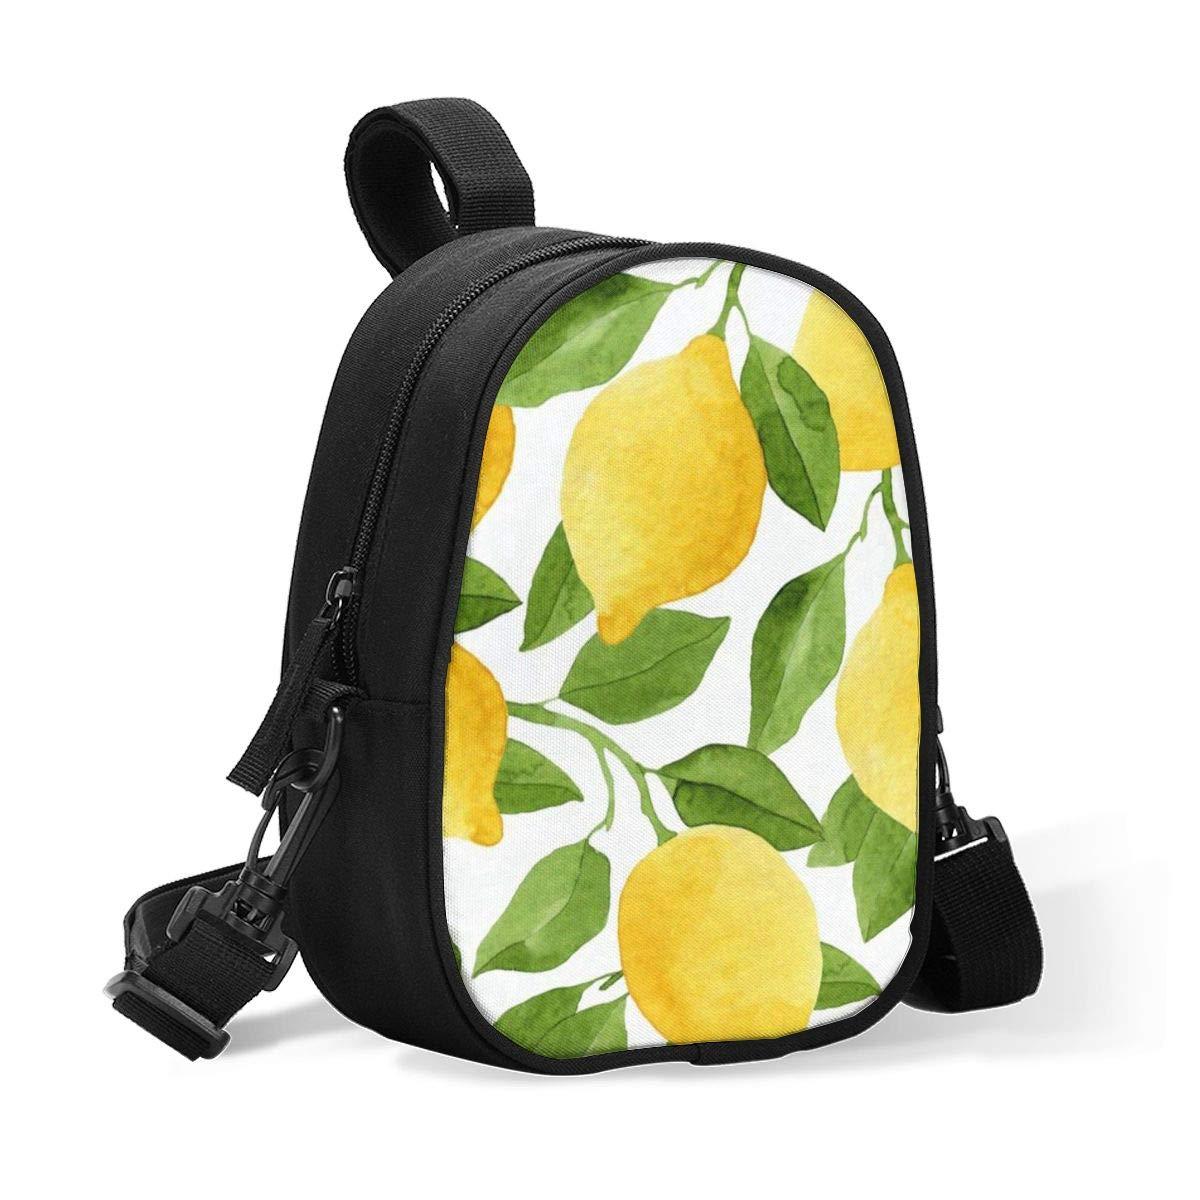 Bottle Cooler Lemom Fruit Watercolor Summer Breastmilk Cooler,Insulated Breast Milk Cooler Baby Bottle Bag W/Adjustable Strap Stroller Fits 2 Large Bottles,Lunch Box Tote Storage Bag